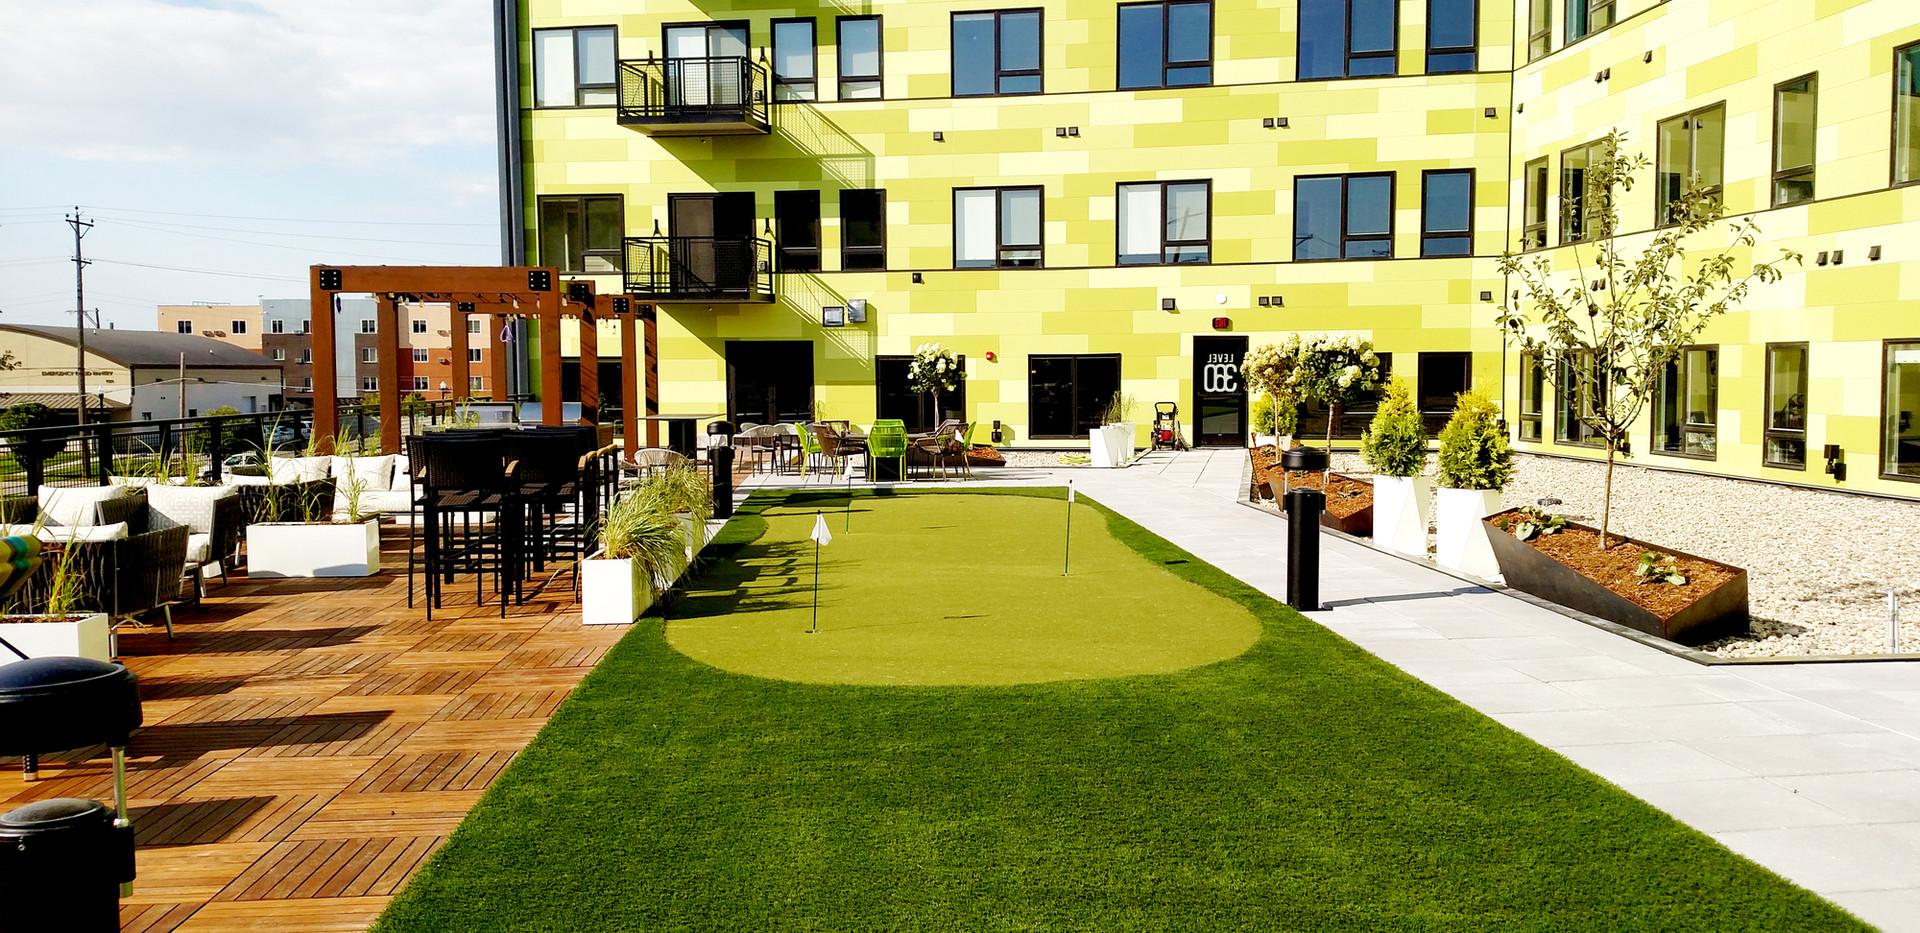 300 Lime Apartment.jpg